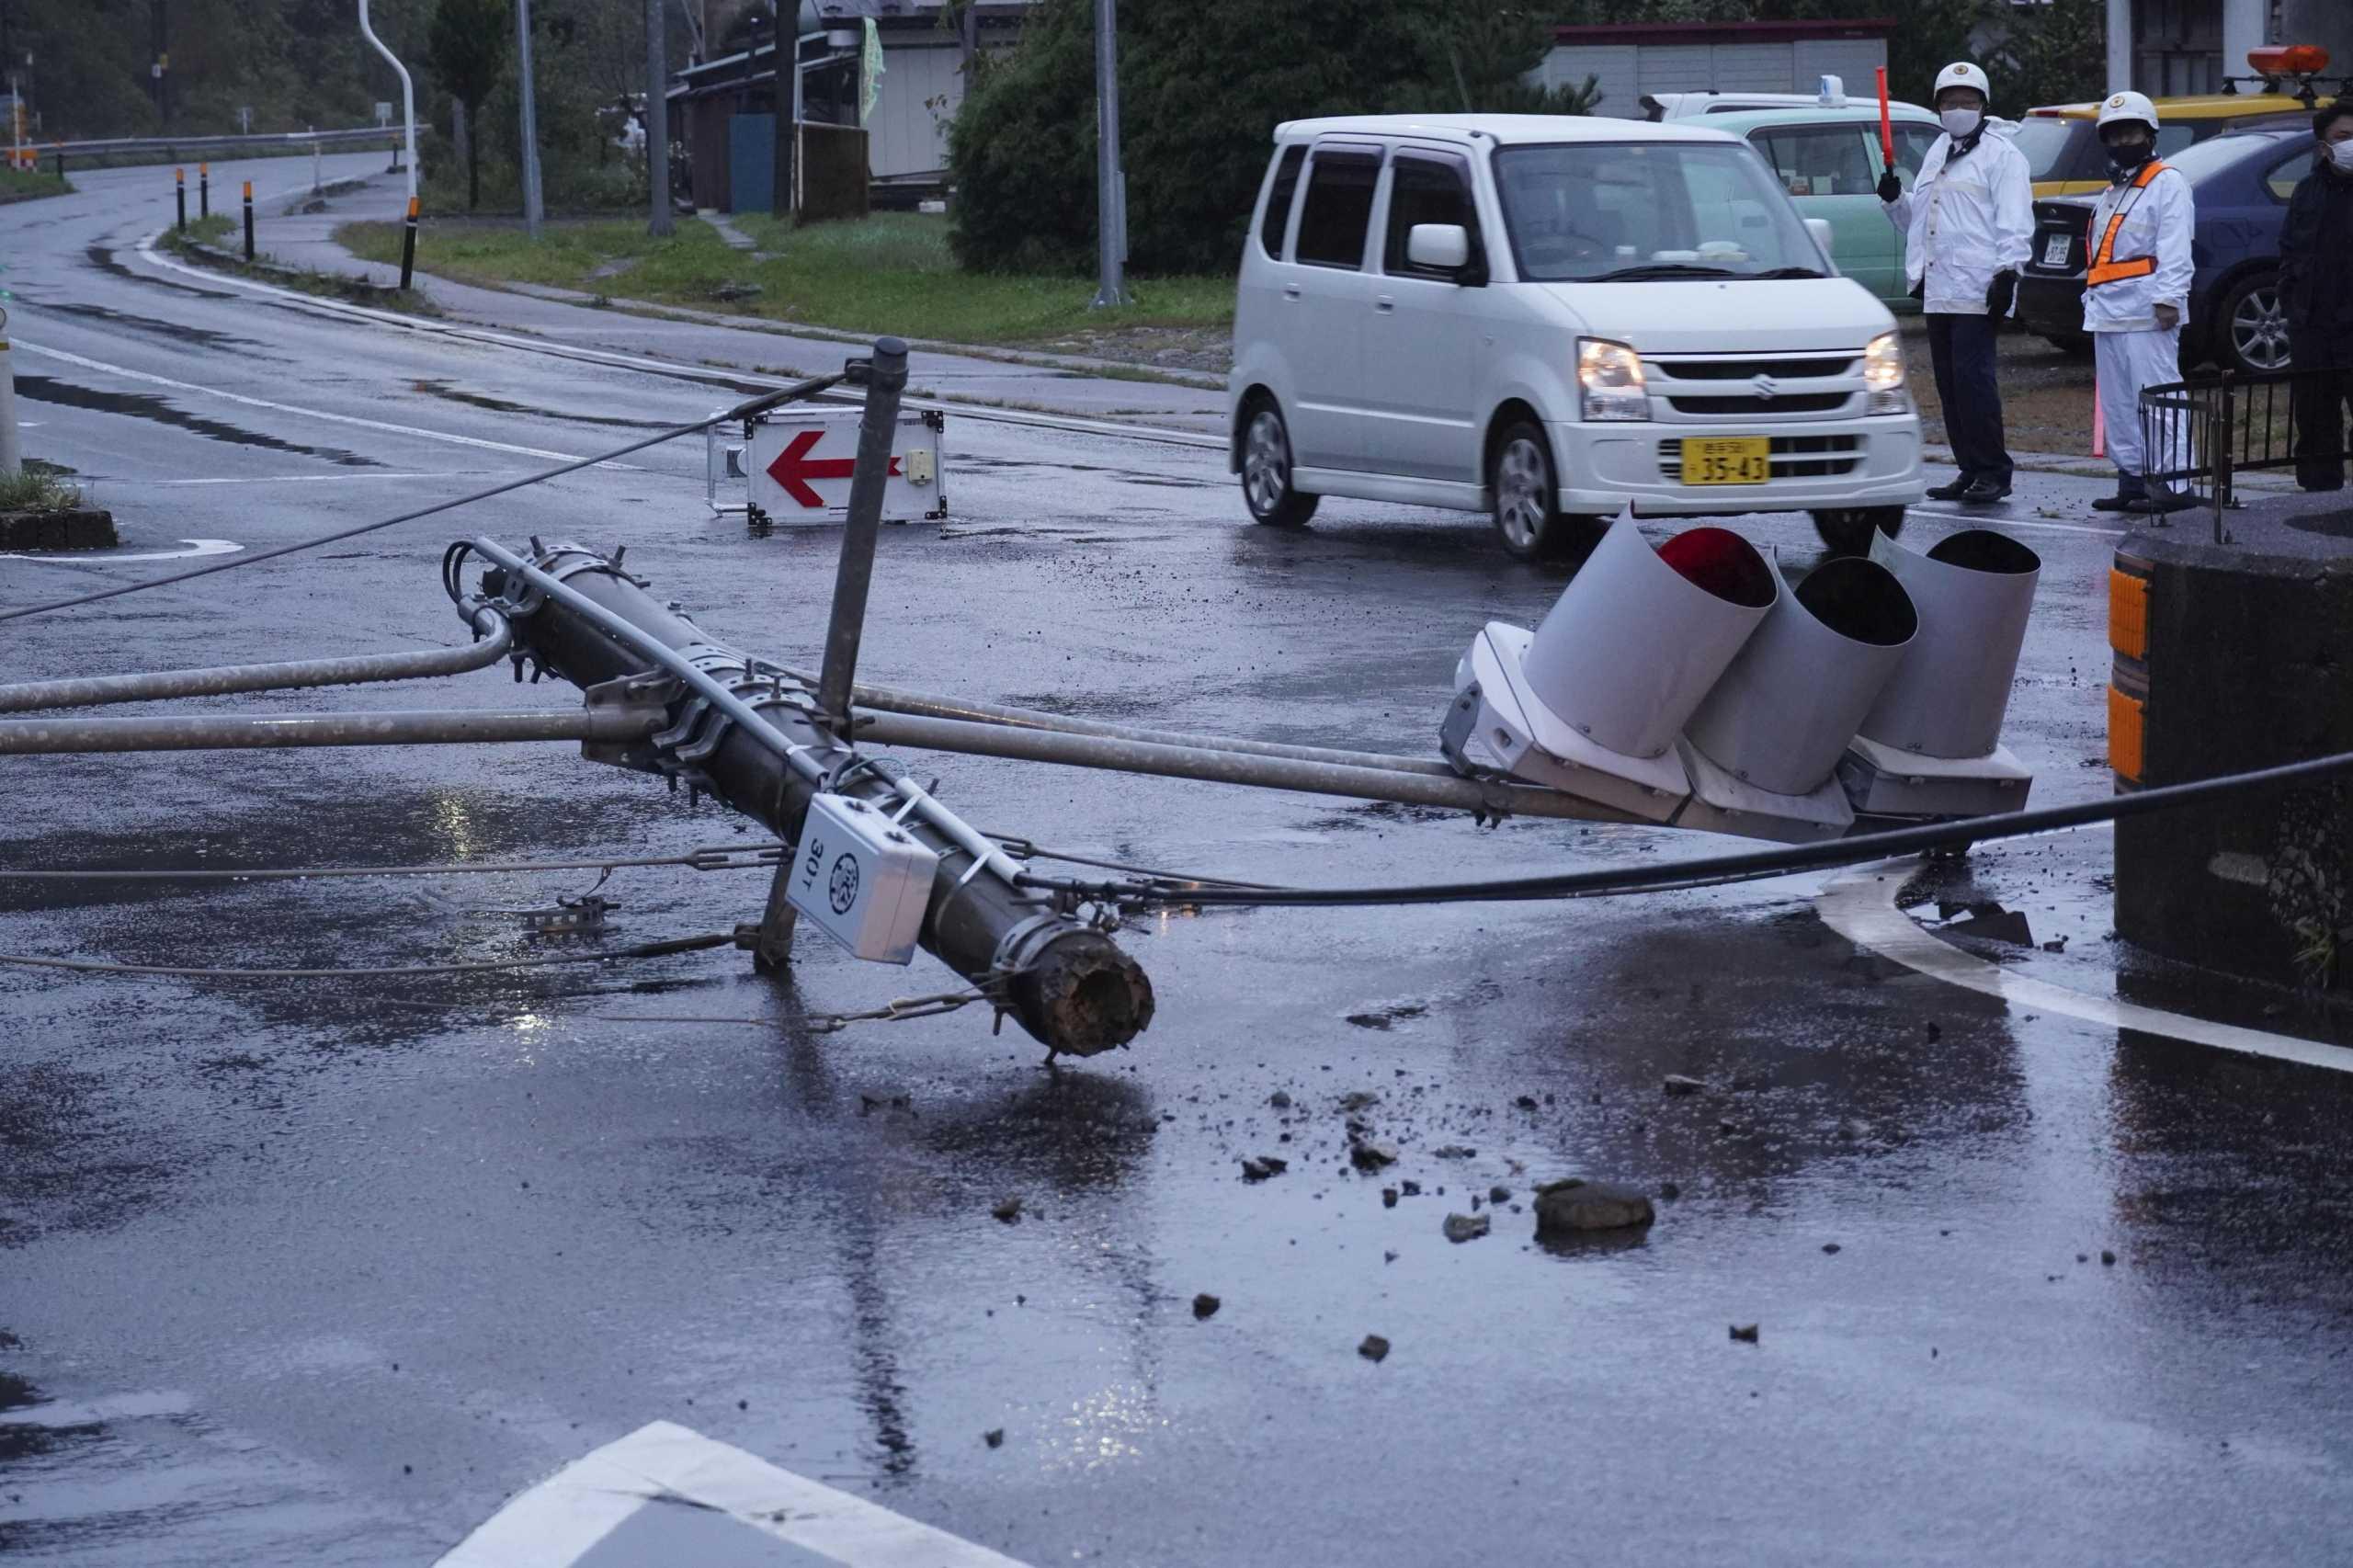 Σεισμός 5,9 Ρίχτερ στην Ιαπωνία με δυο τραυματίες